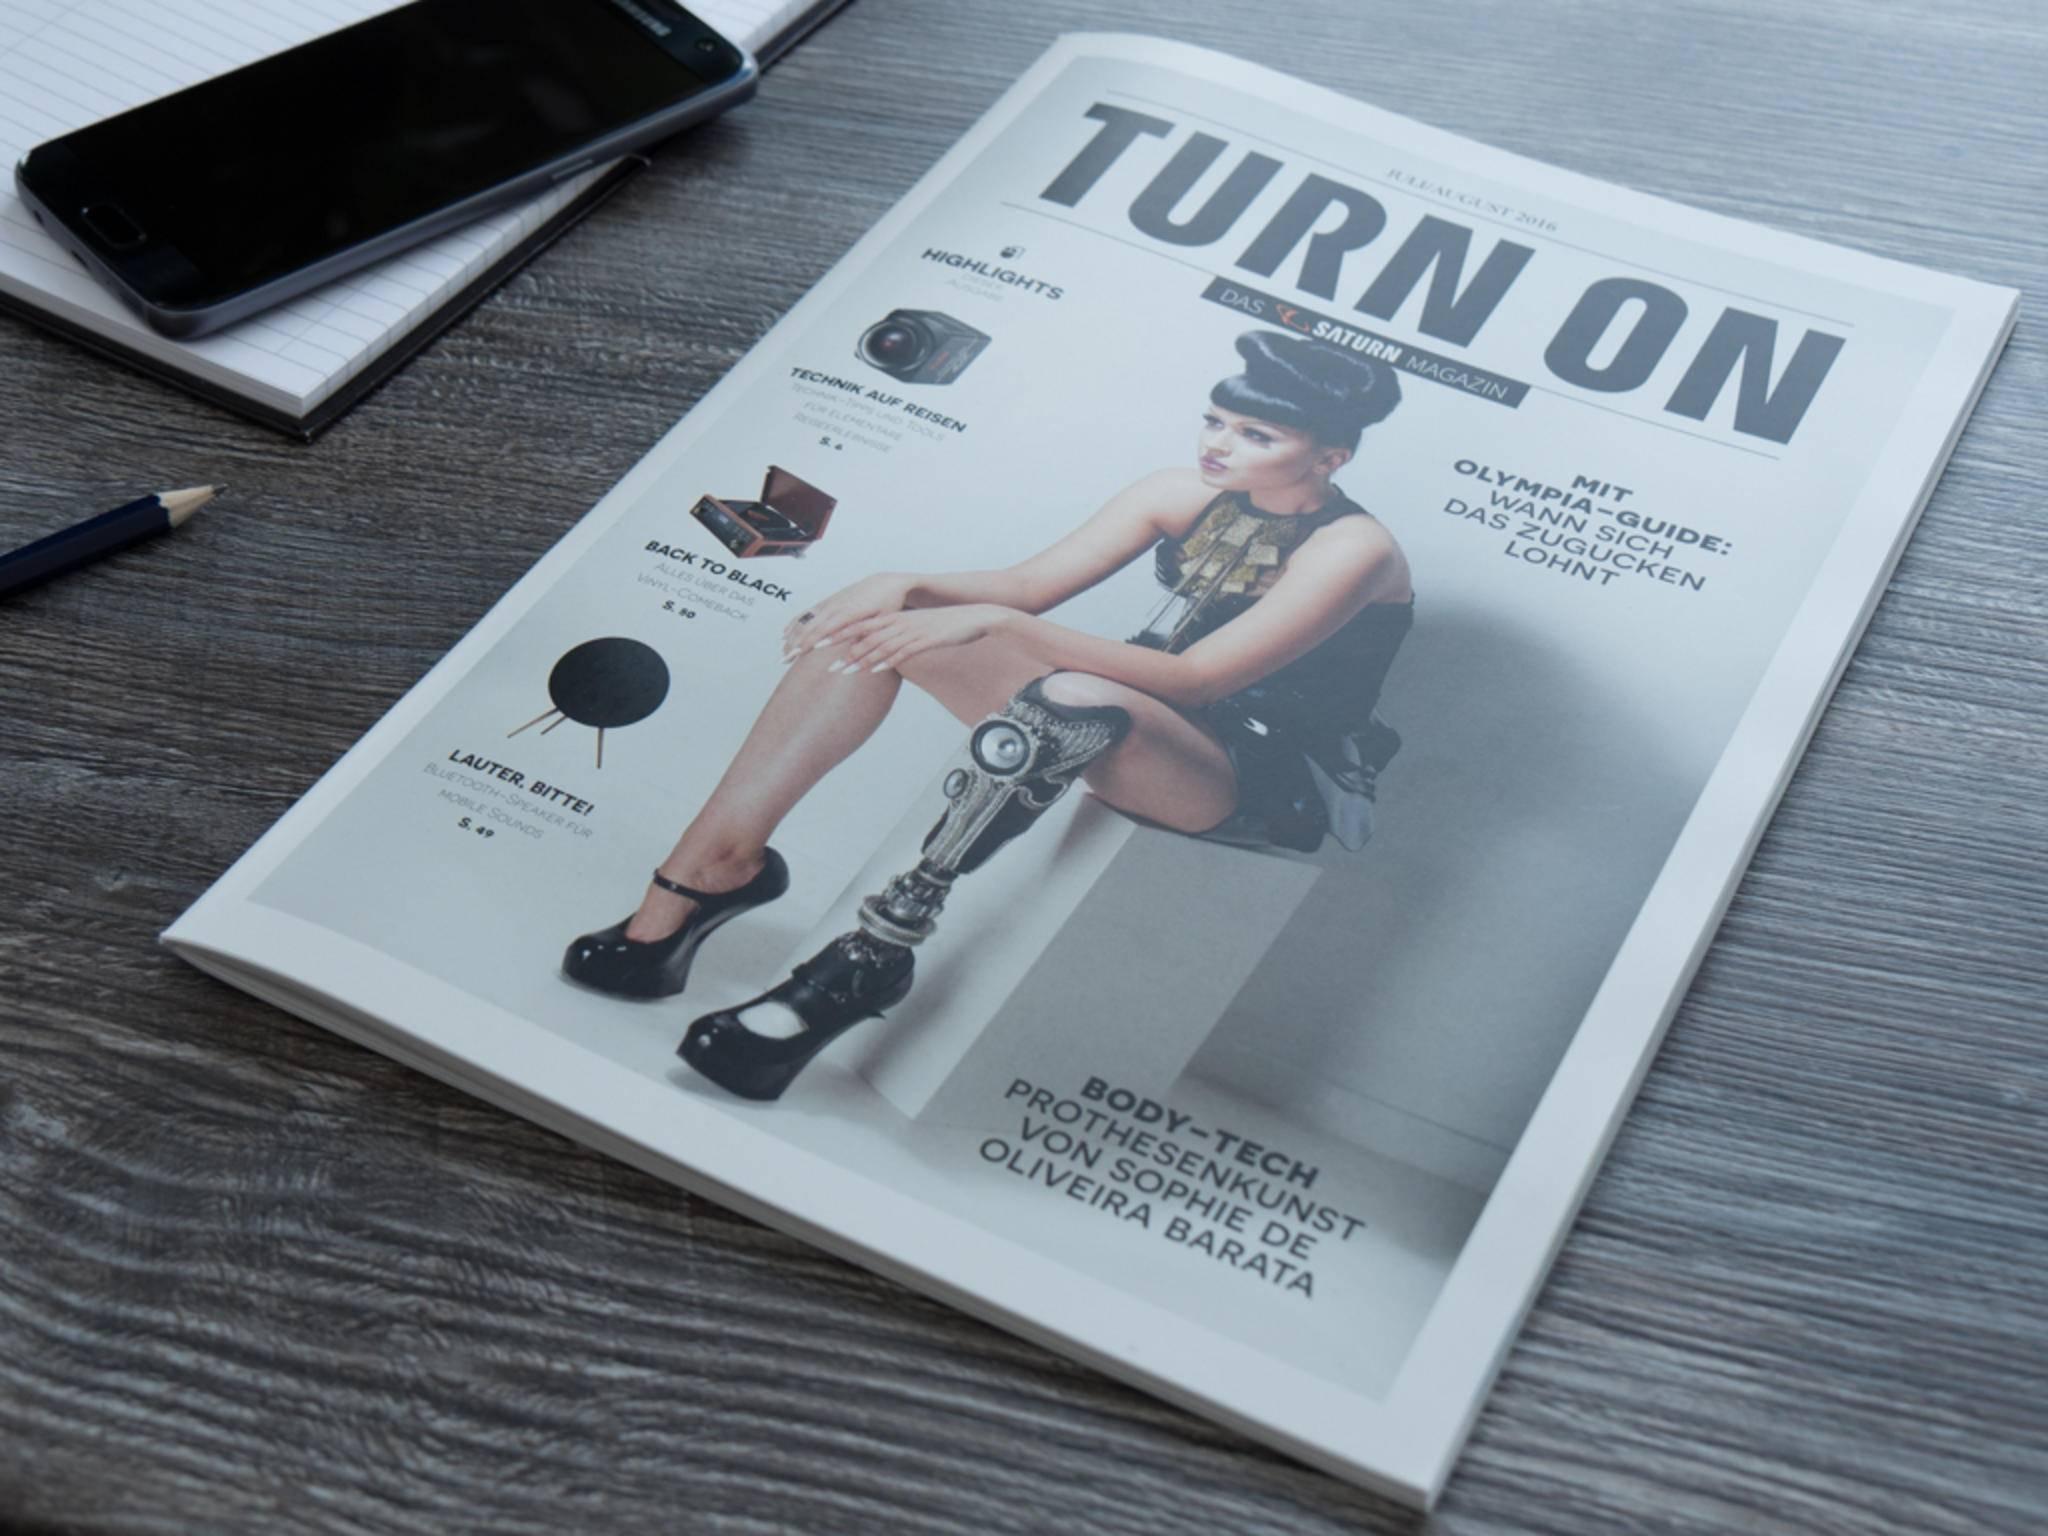 Das neue TURN ON Magazin 04/2016 beschäftigt sich mit Body-Tech.